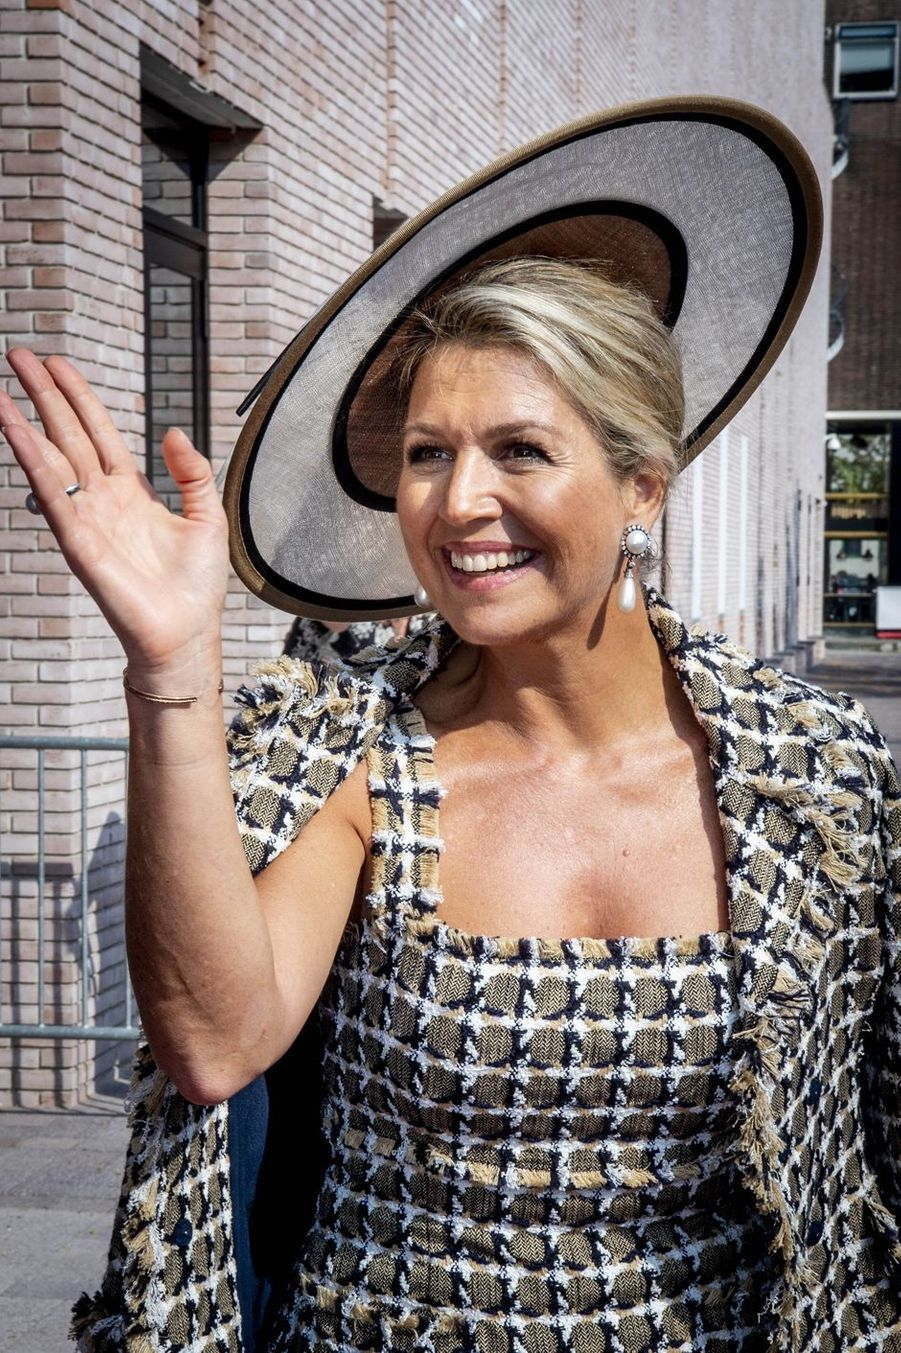 La reine Maxima des Pays-Bas (ici le 16 septembre 2020) va fêter ses 50 ans en 2021